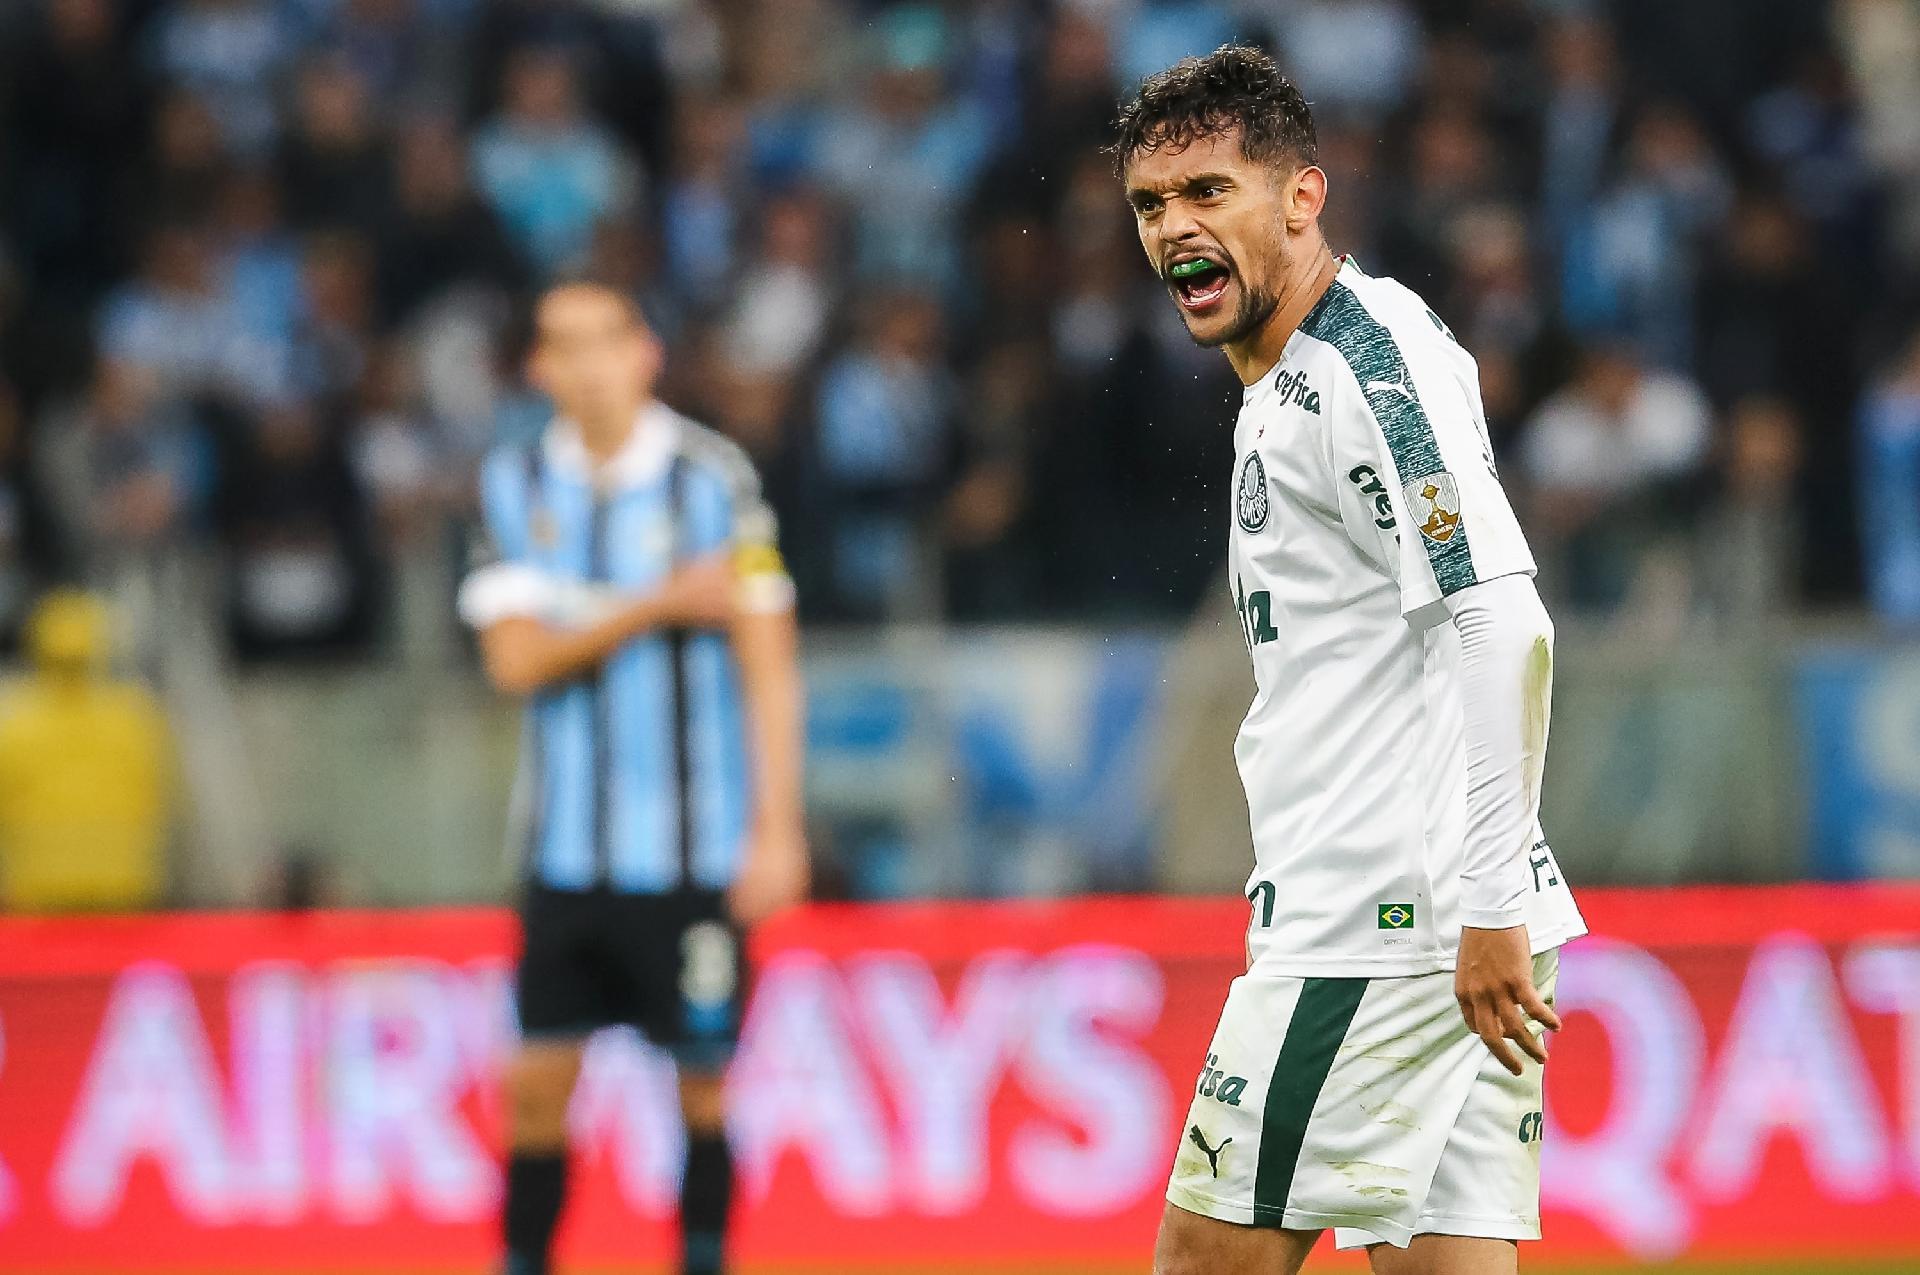 """G. Scarpa analisa Dom Casmurro no Bem Amigos: """"Traiu"""""""